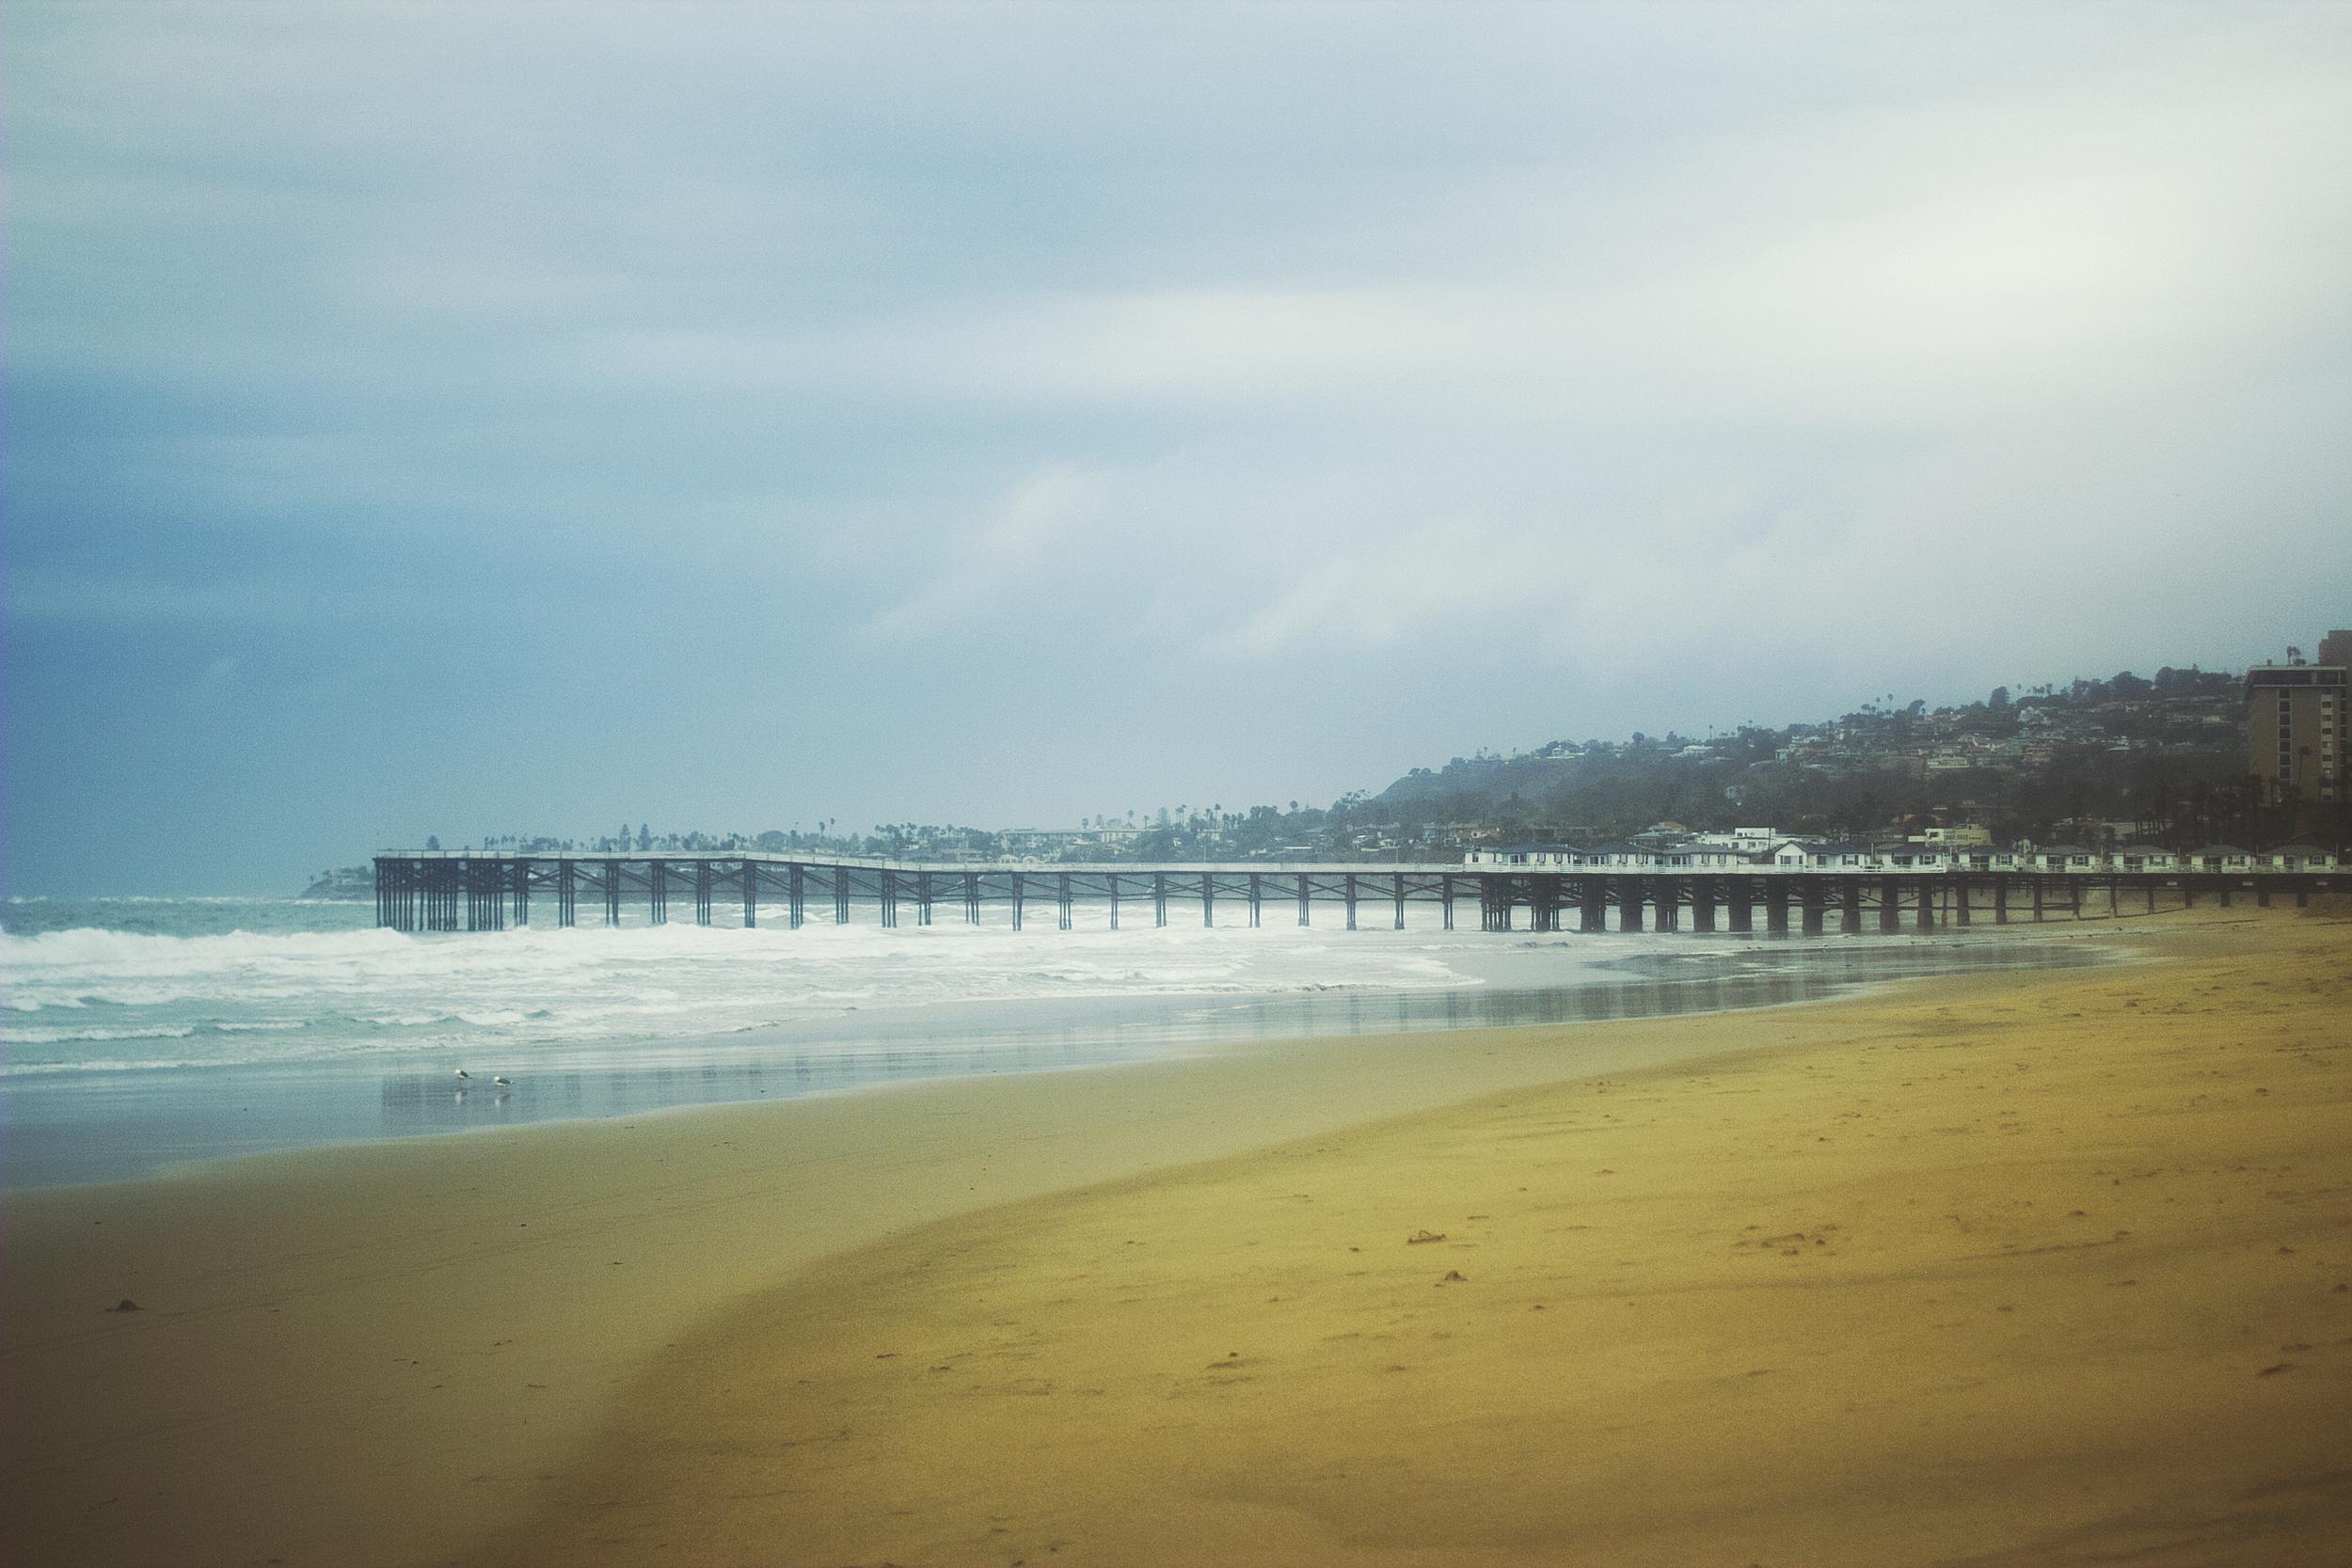 San Diego, California, March 2014